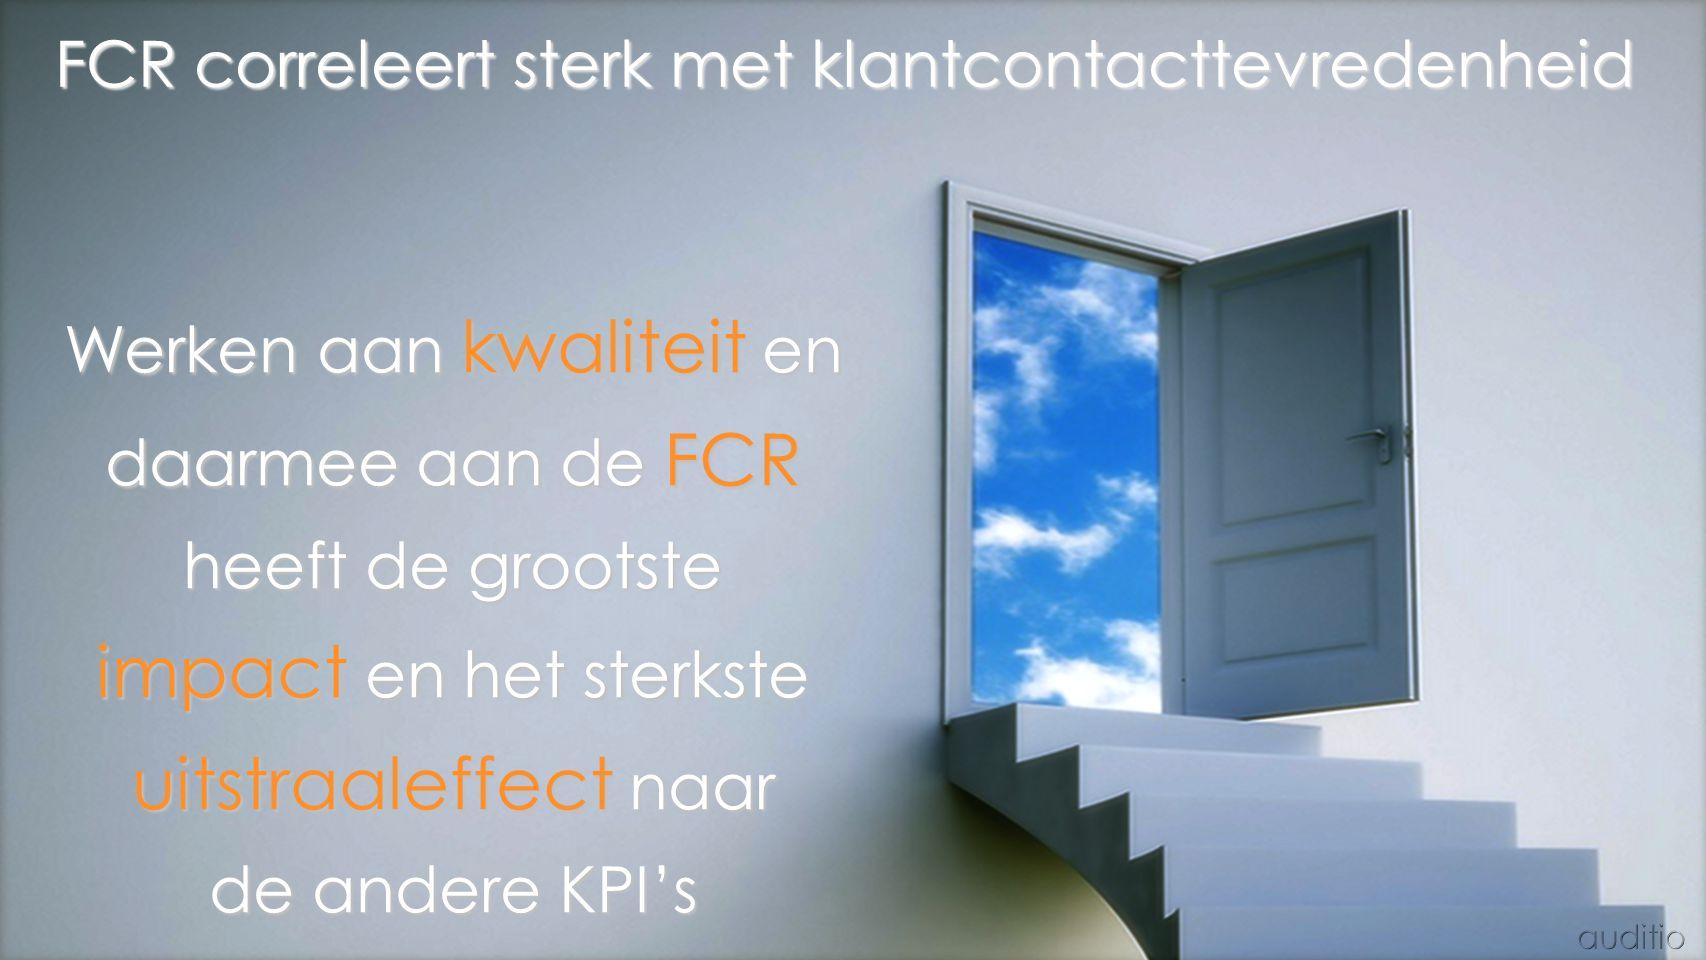 FCR correleert sterk met klantcontacttevredenheid Werken aan kwaliteit en daarmee aan de FCR heeft de grootste impact en het sterkste uitstraaleffect naar de andere KPI's